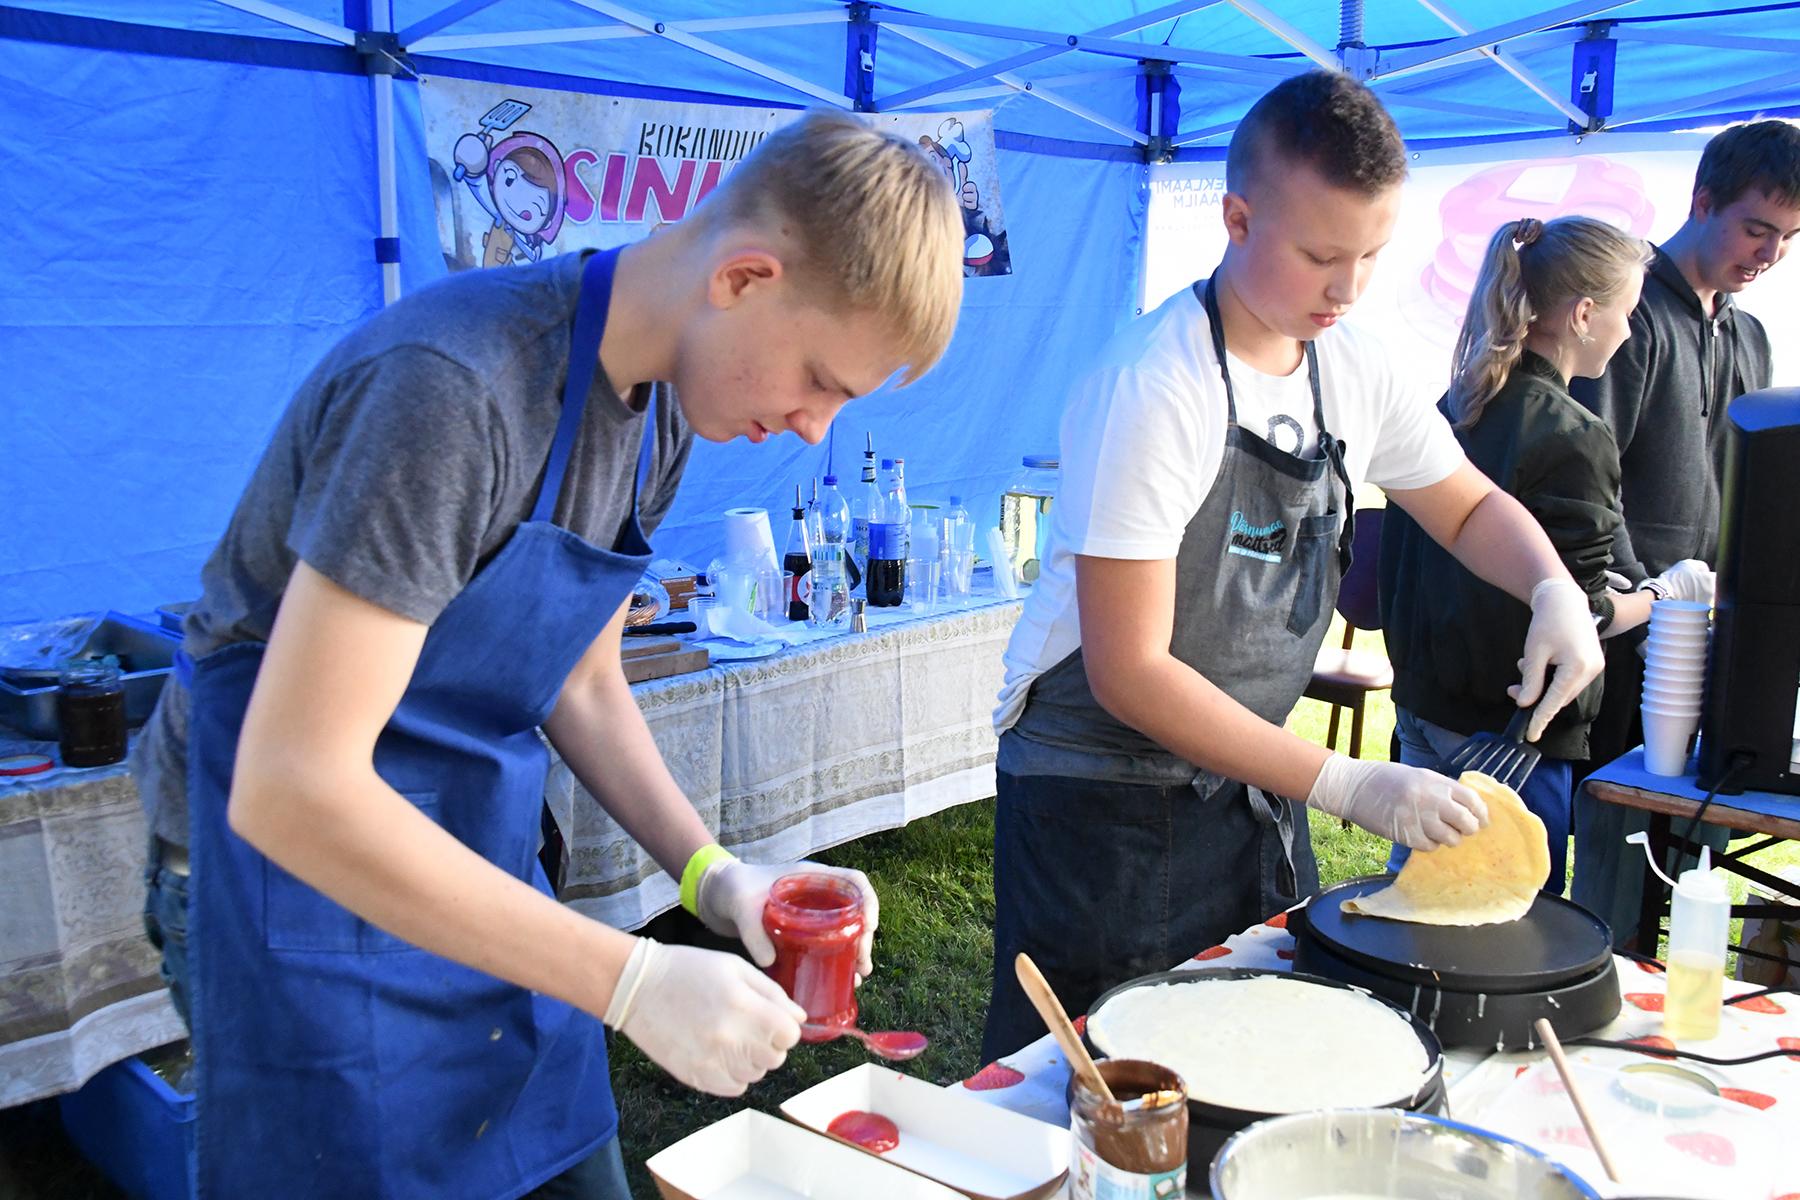 Kokandusringi Sinklased noored pannkoogipäeva tegemas. Foto Urmas Saard